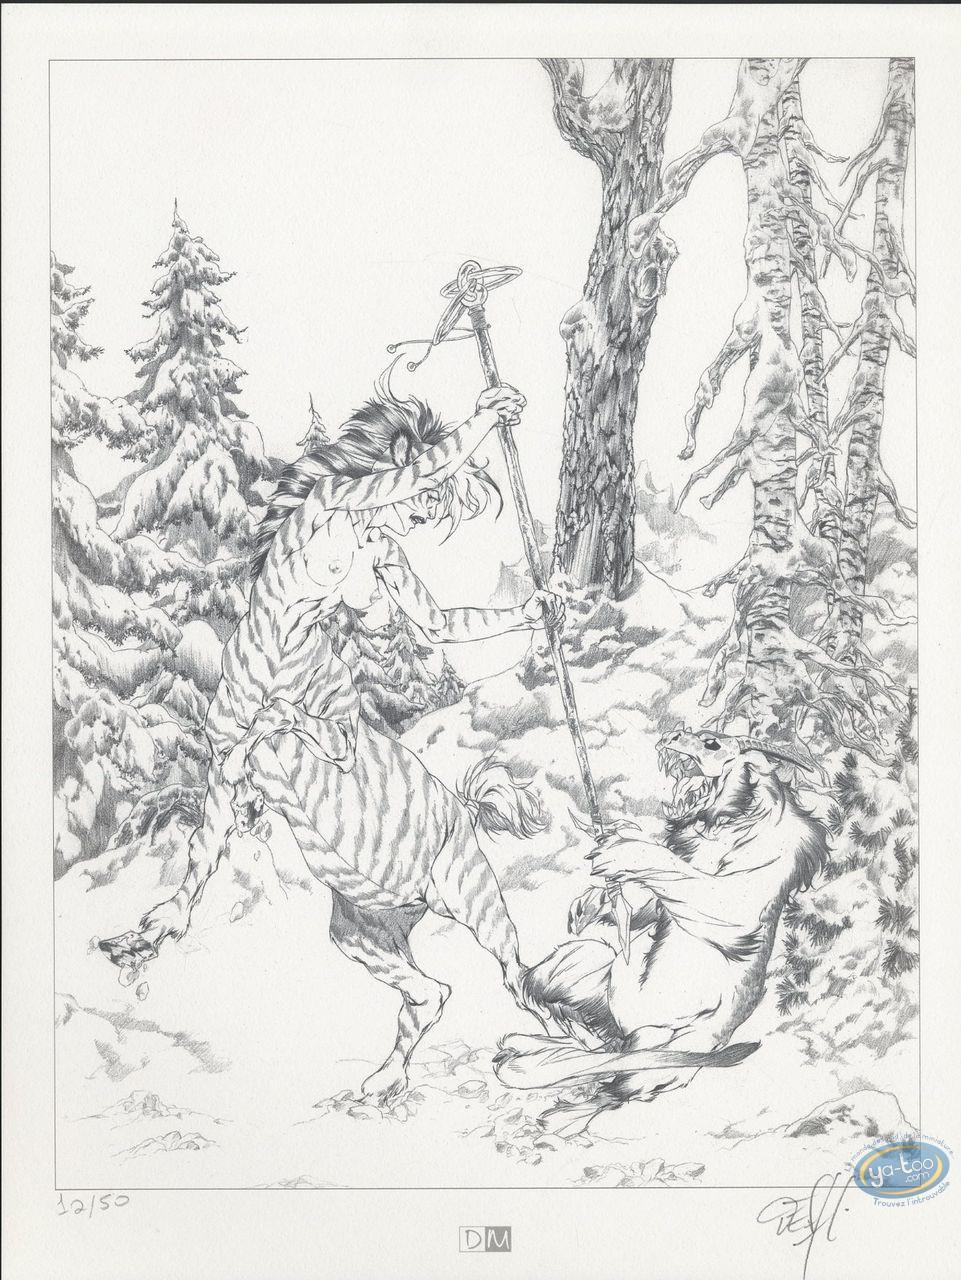 Bookplate Offset, Garous : Female Centaur